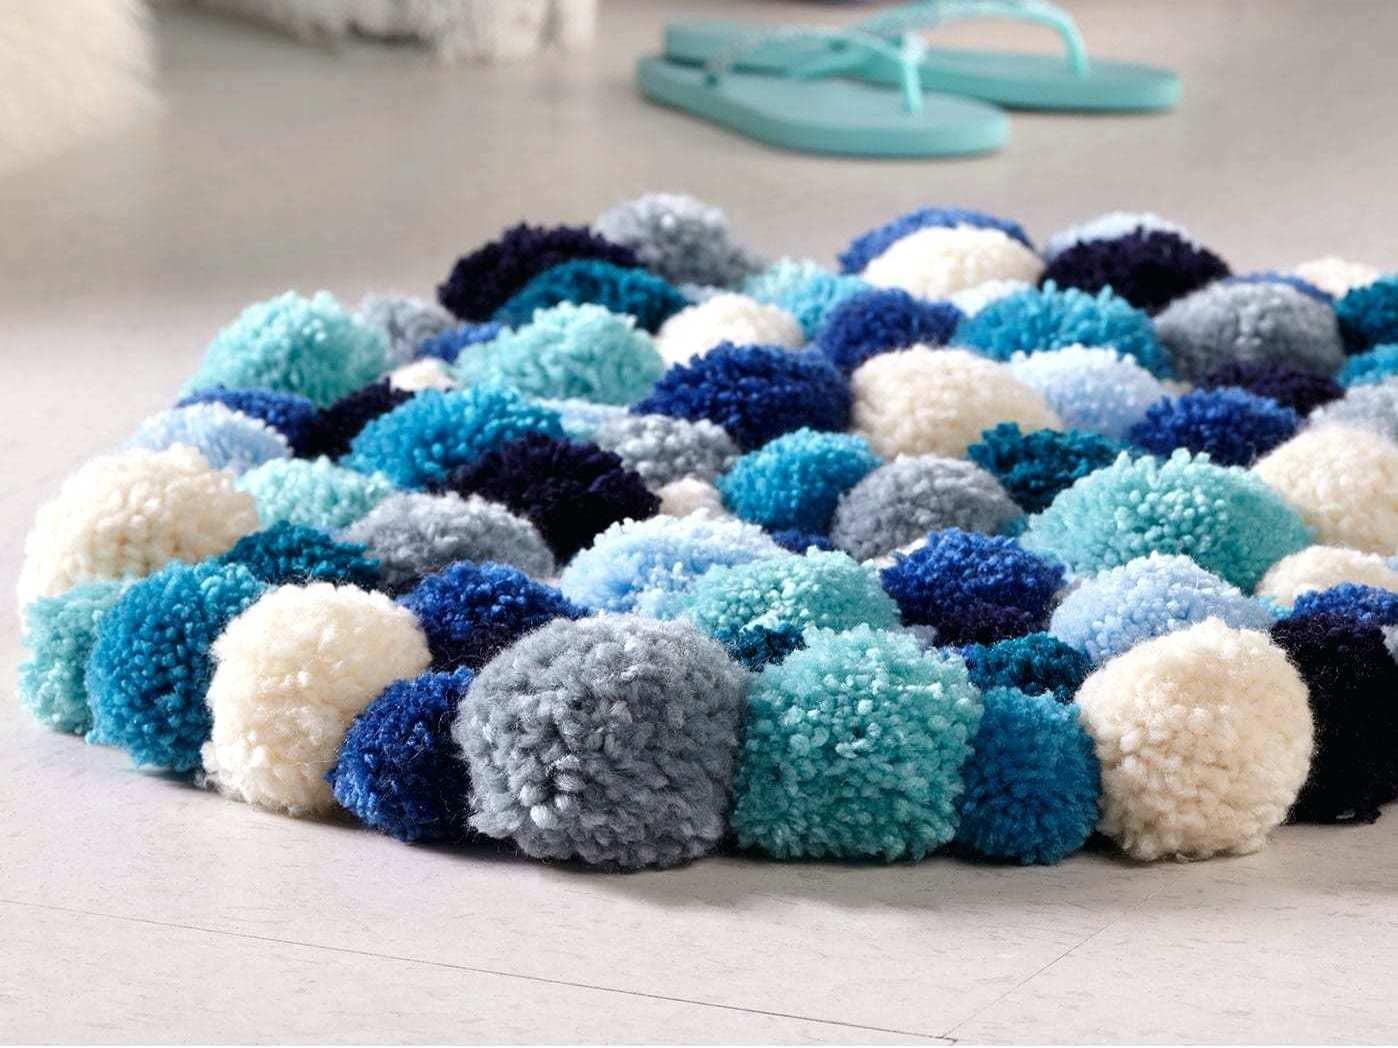 Что постелить на пол вместо ковров: 7 полезных идей от дизайнеров по интерьерам